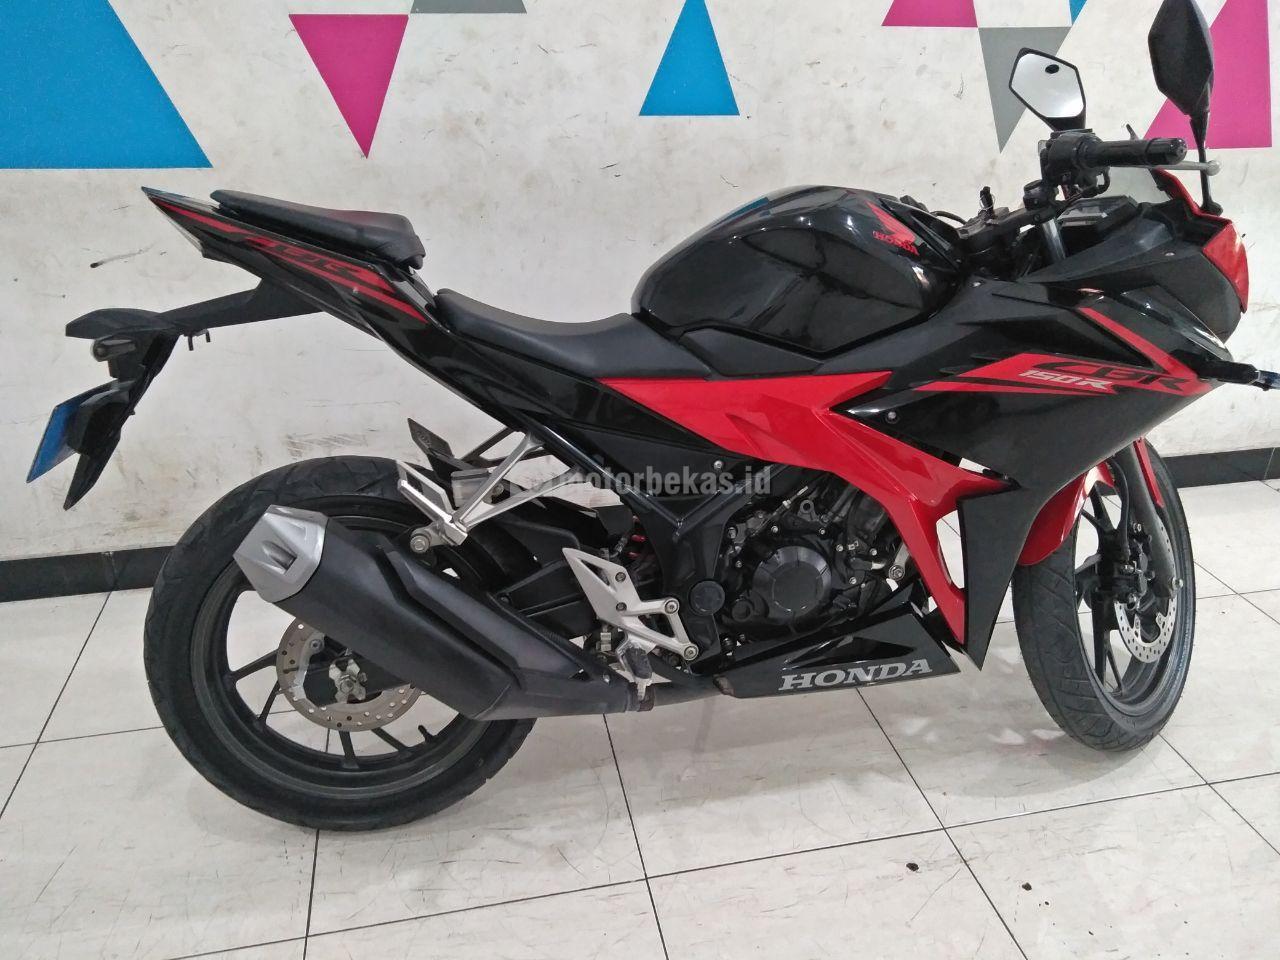 HONDA CBR 150R  4059 motorbekas.id